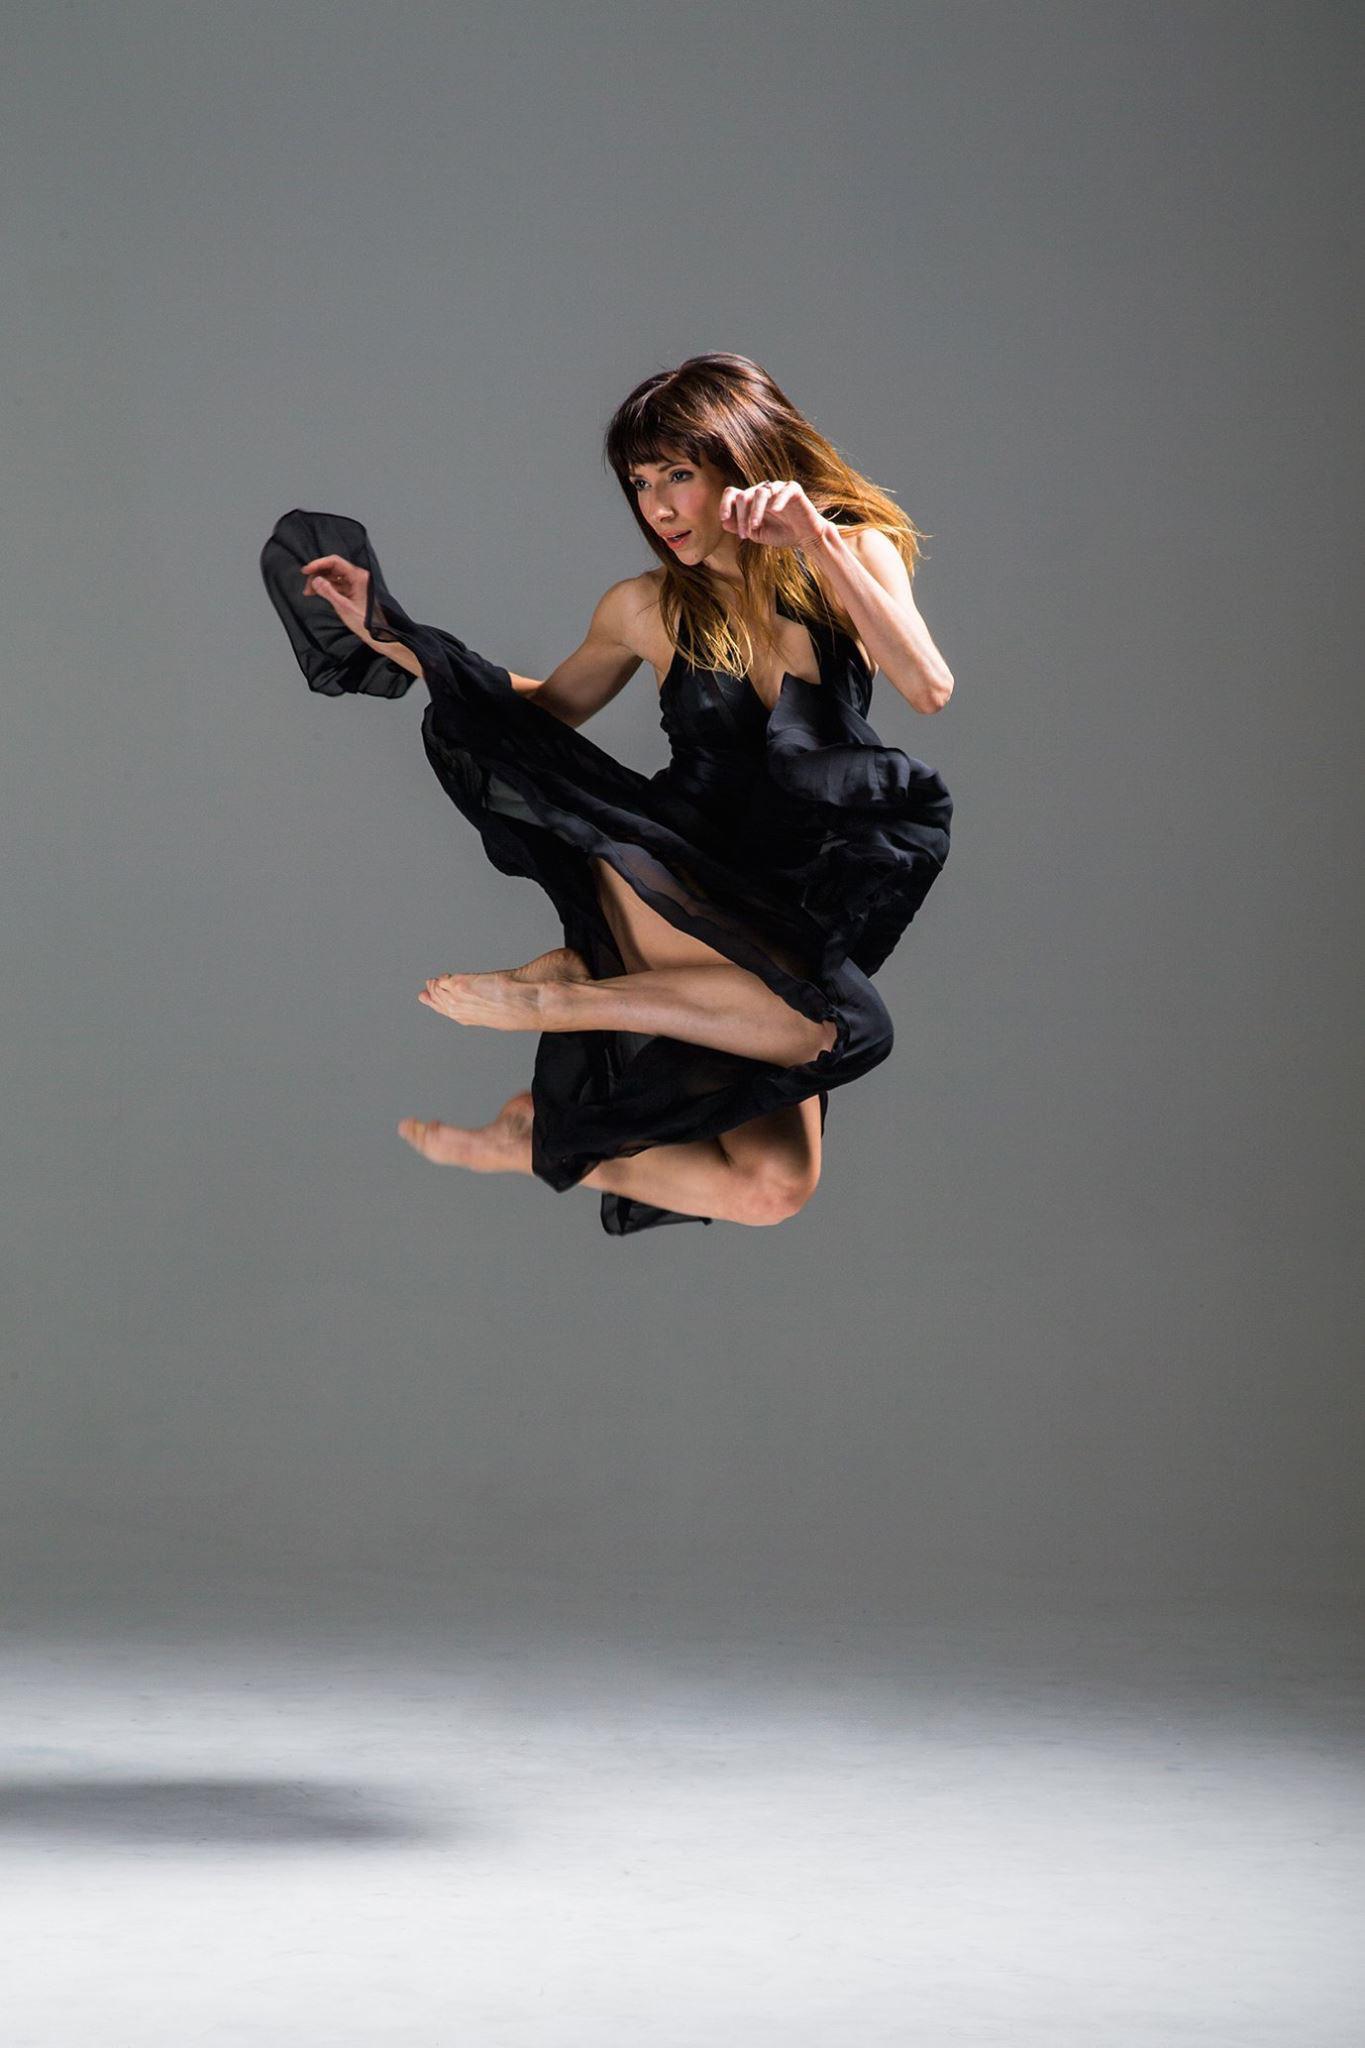 Kelly Cabrera